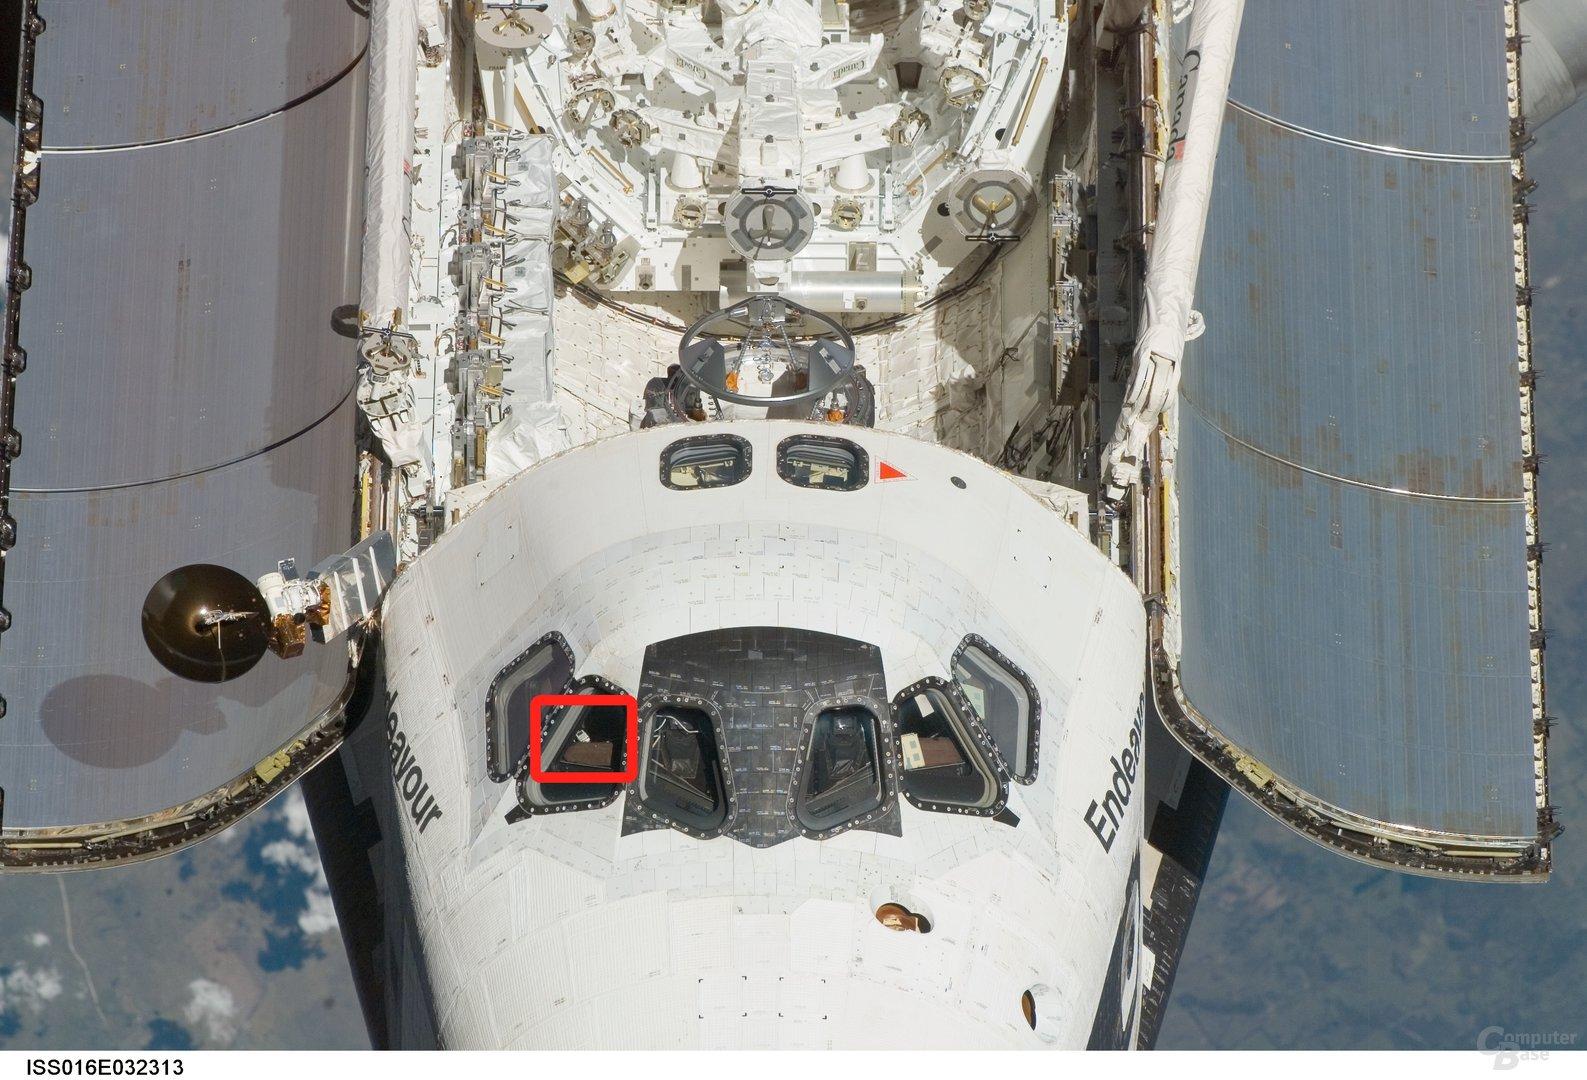 iPod im im Space Shuttle Endeavour (Bild vom 12. März 2008)